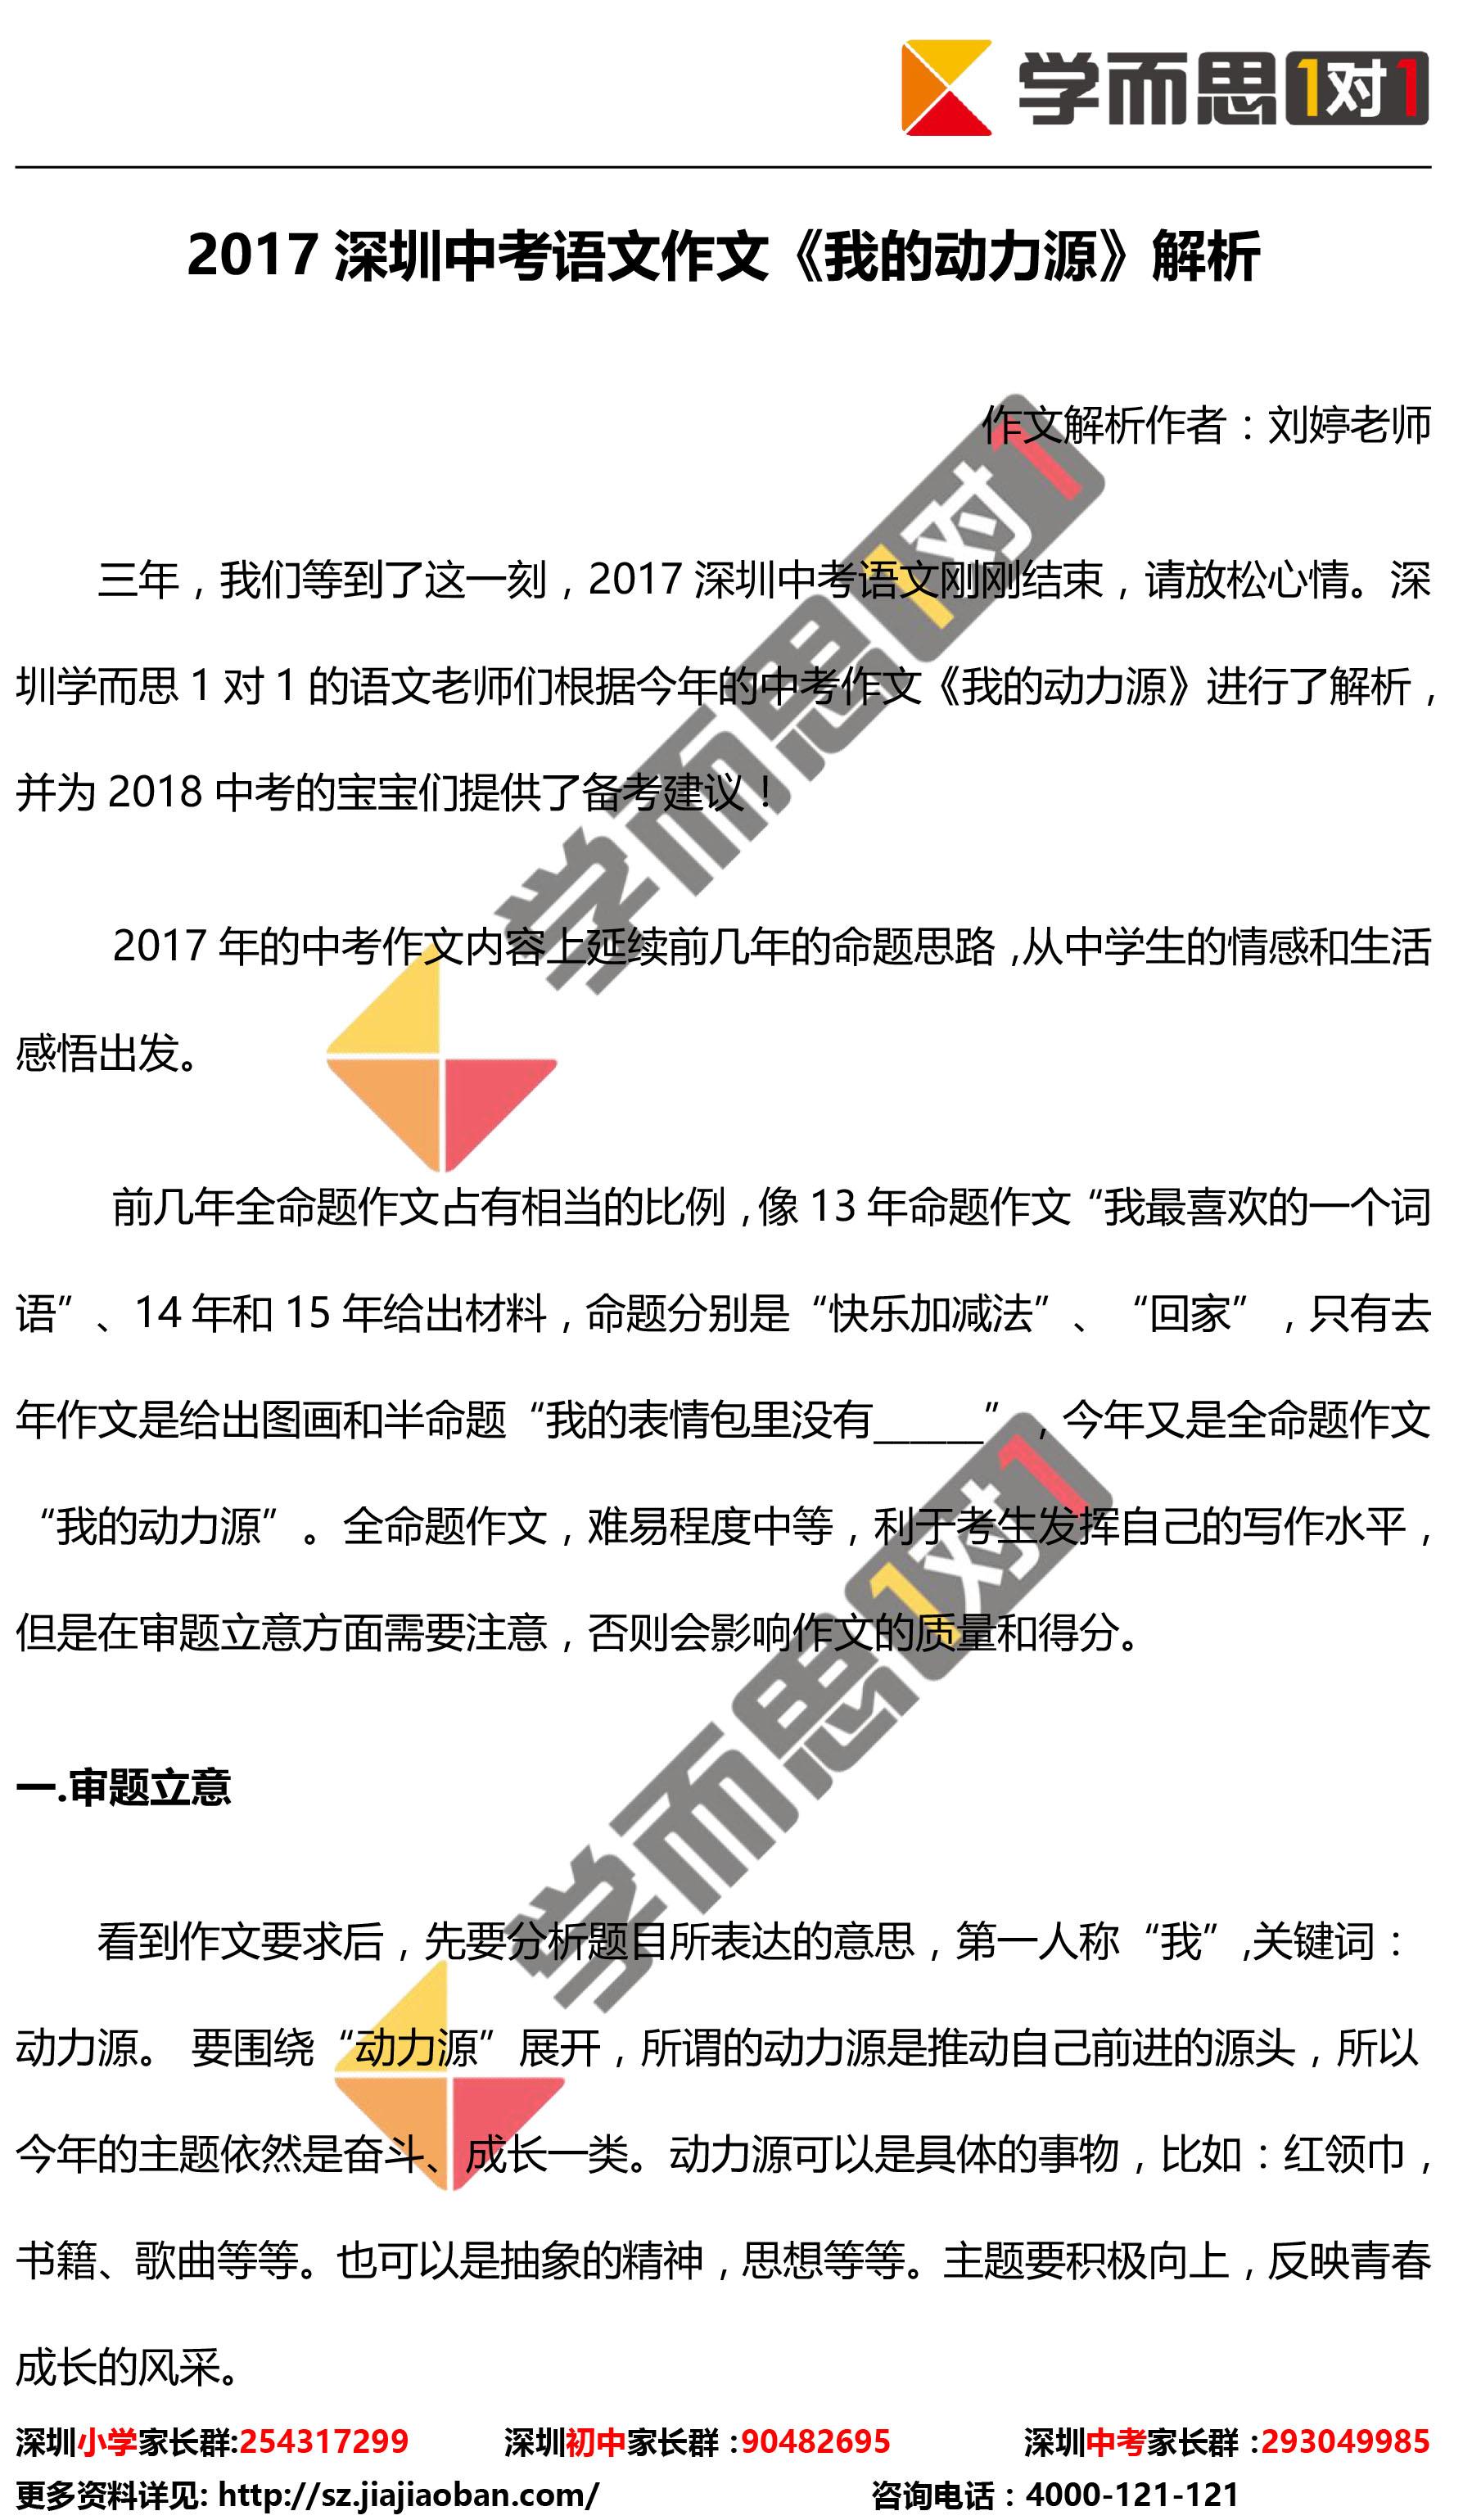 2017年深圳中考作文题目解析